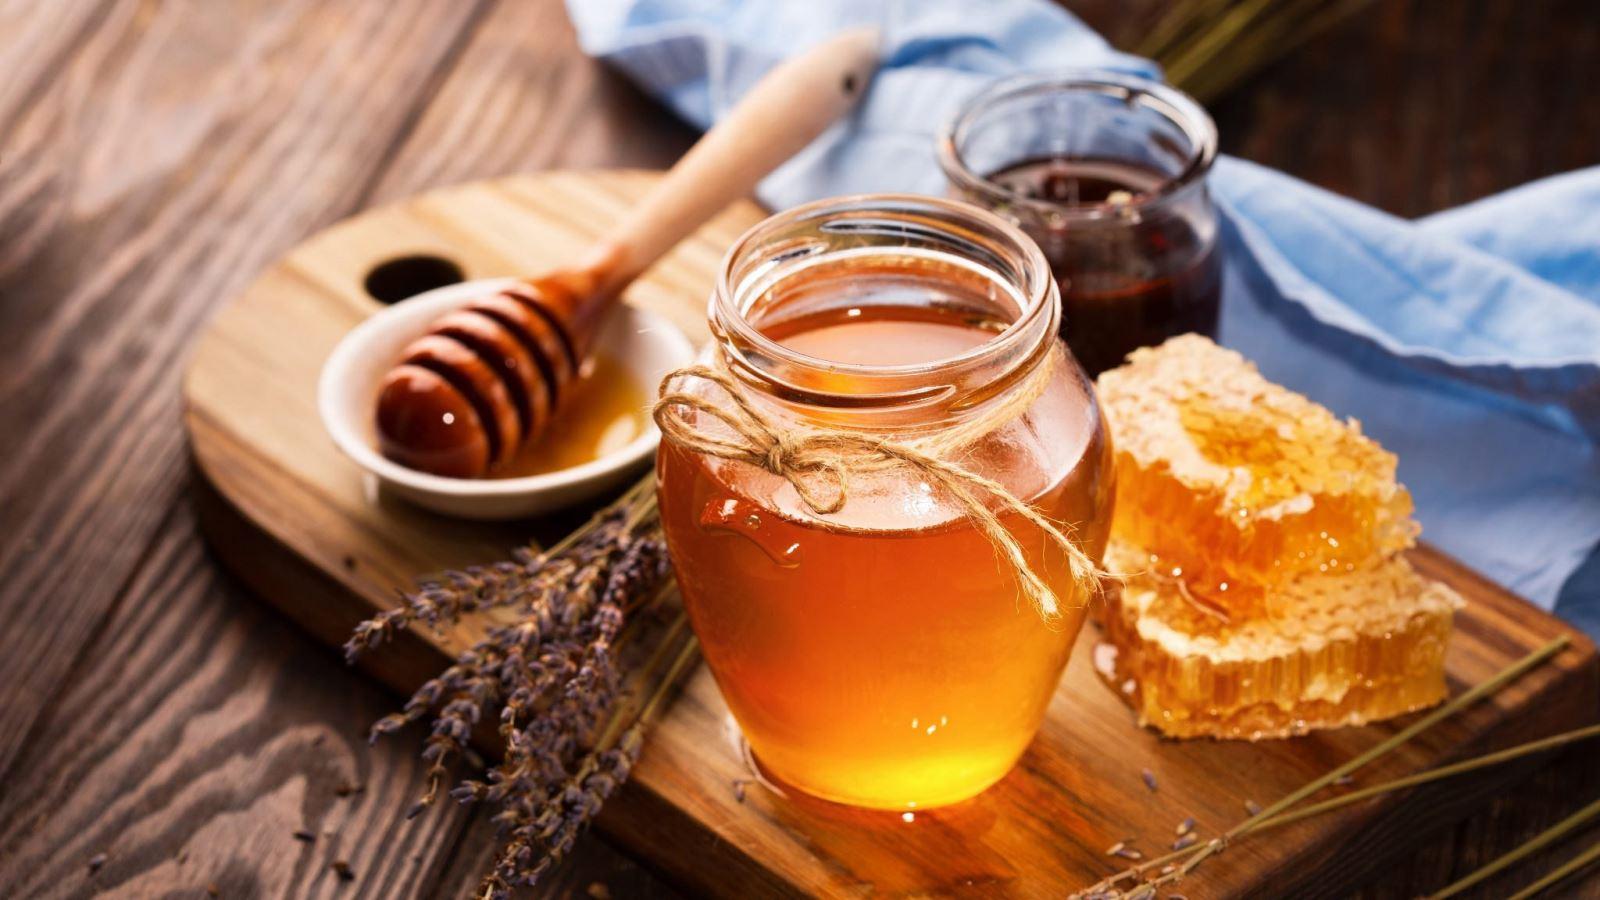 7 Cách Pha Mật Ong Giúp Chữa Bệnh Và Tốt Cho Sức Khỏe   Cooky.vn